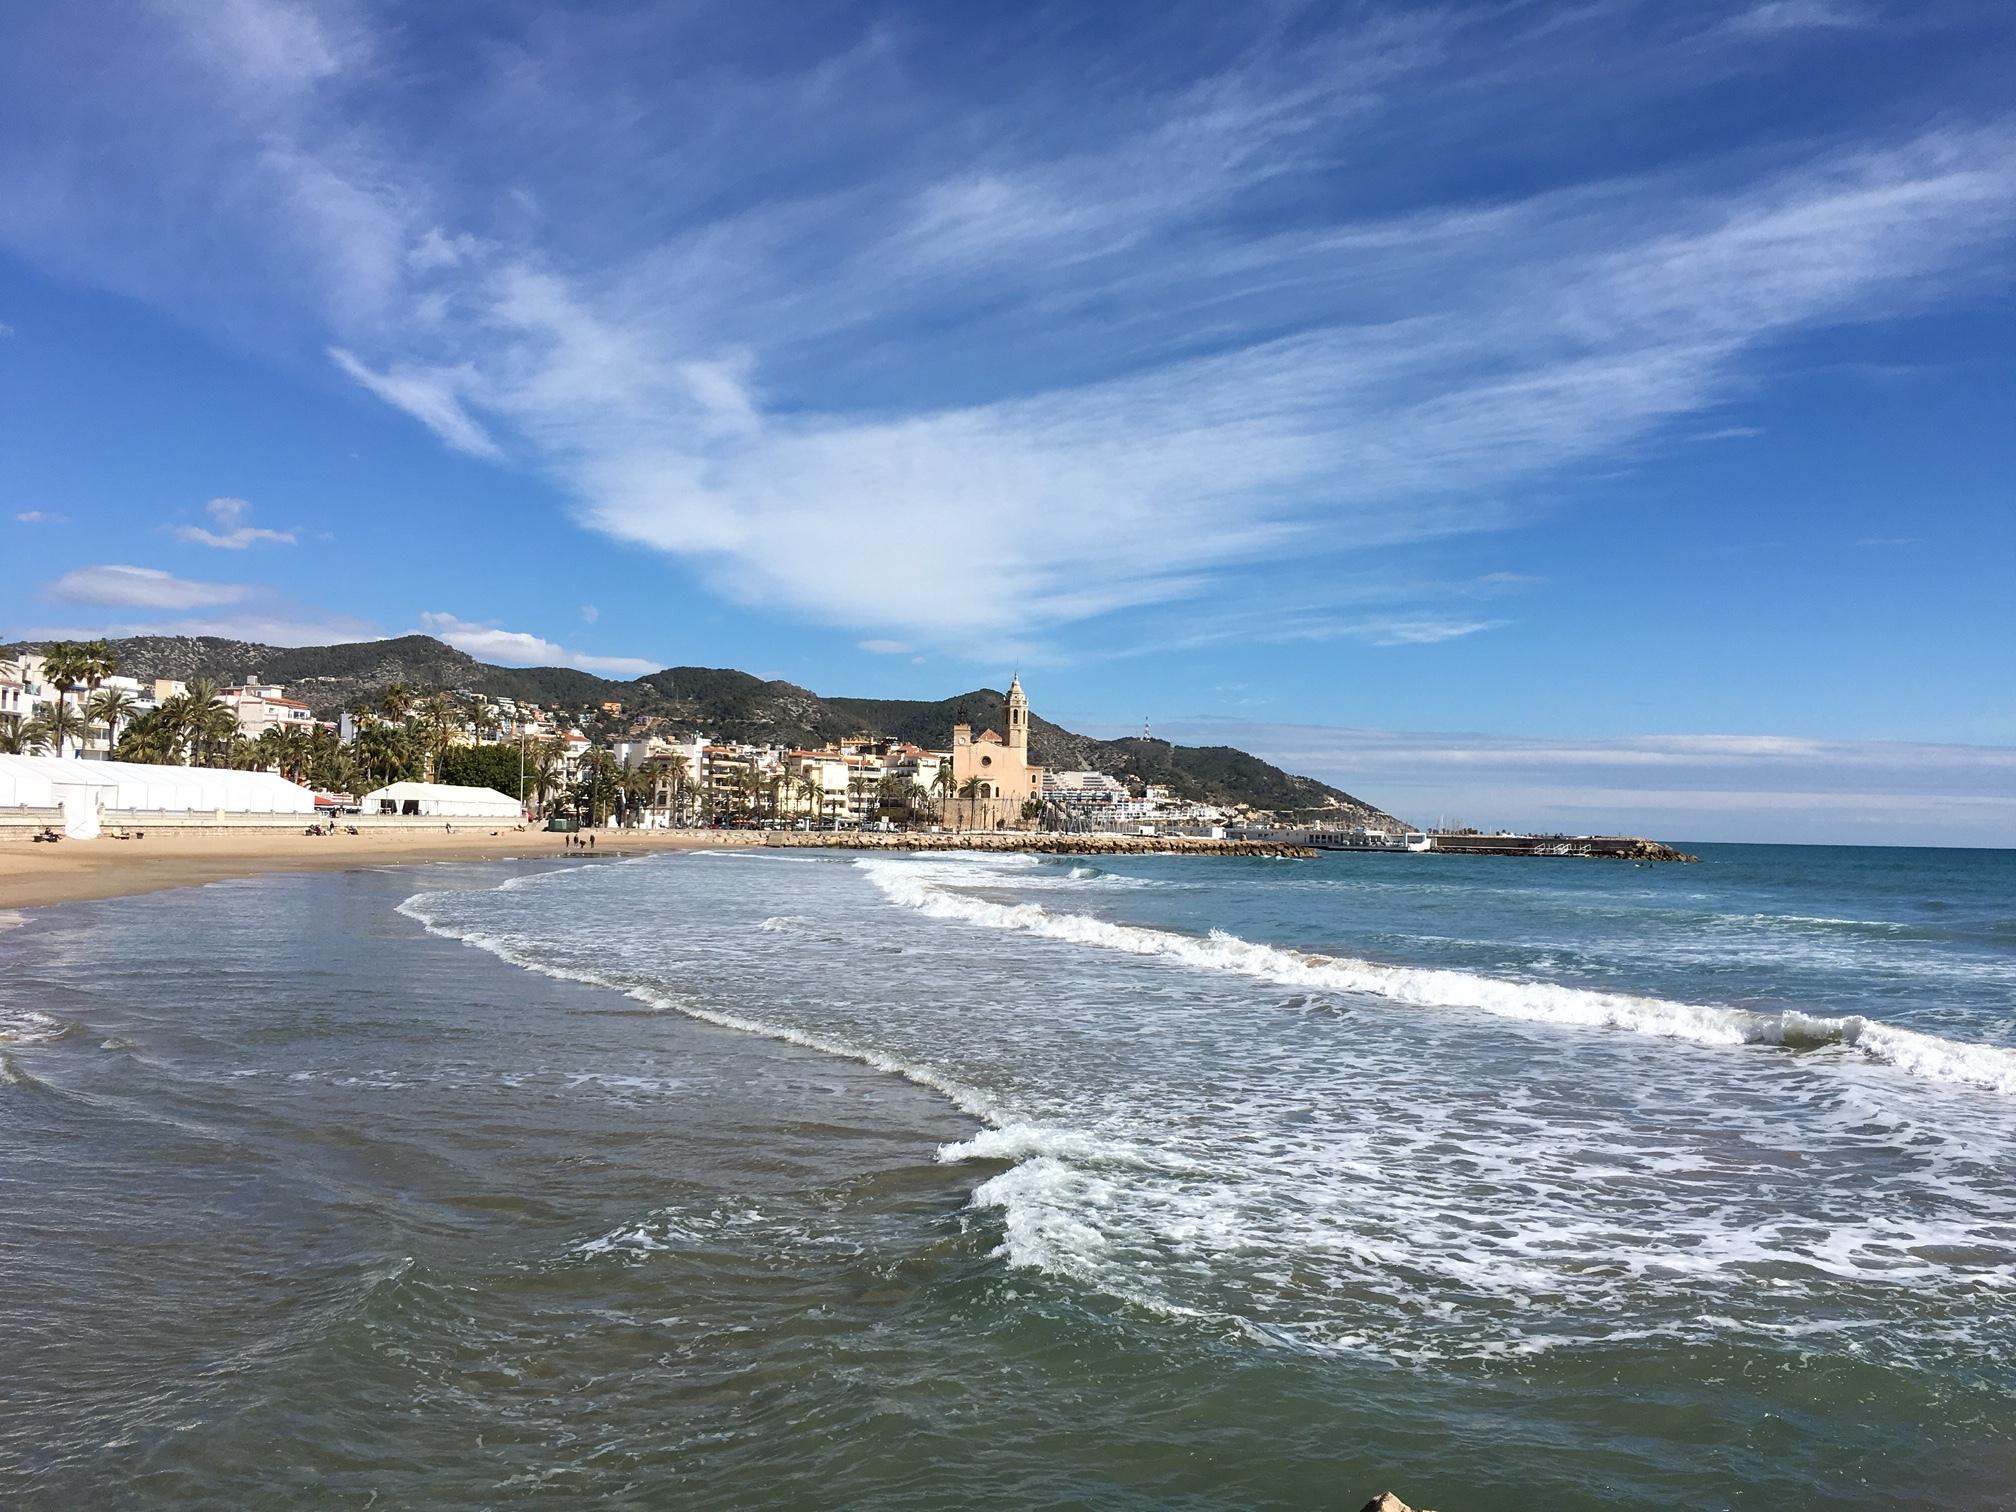 Sitges ligger längs Spaniens östkust och erbjuder fantastiska stränder.